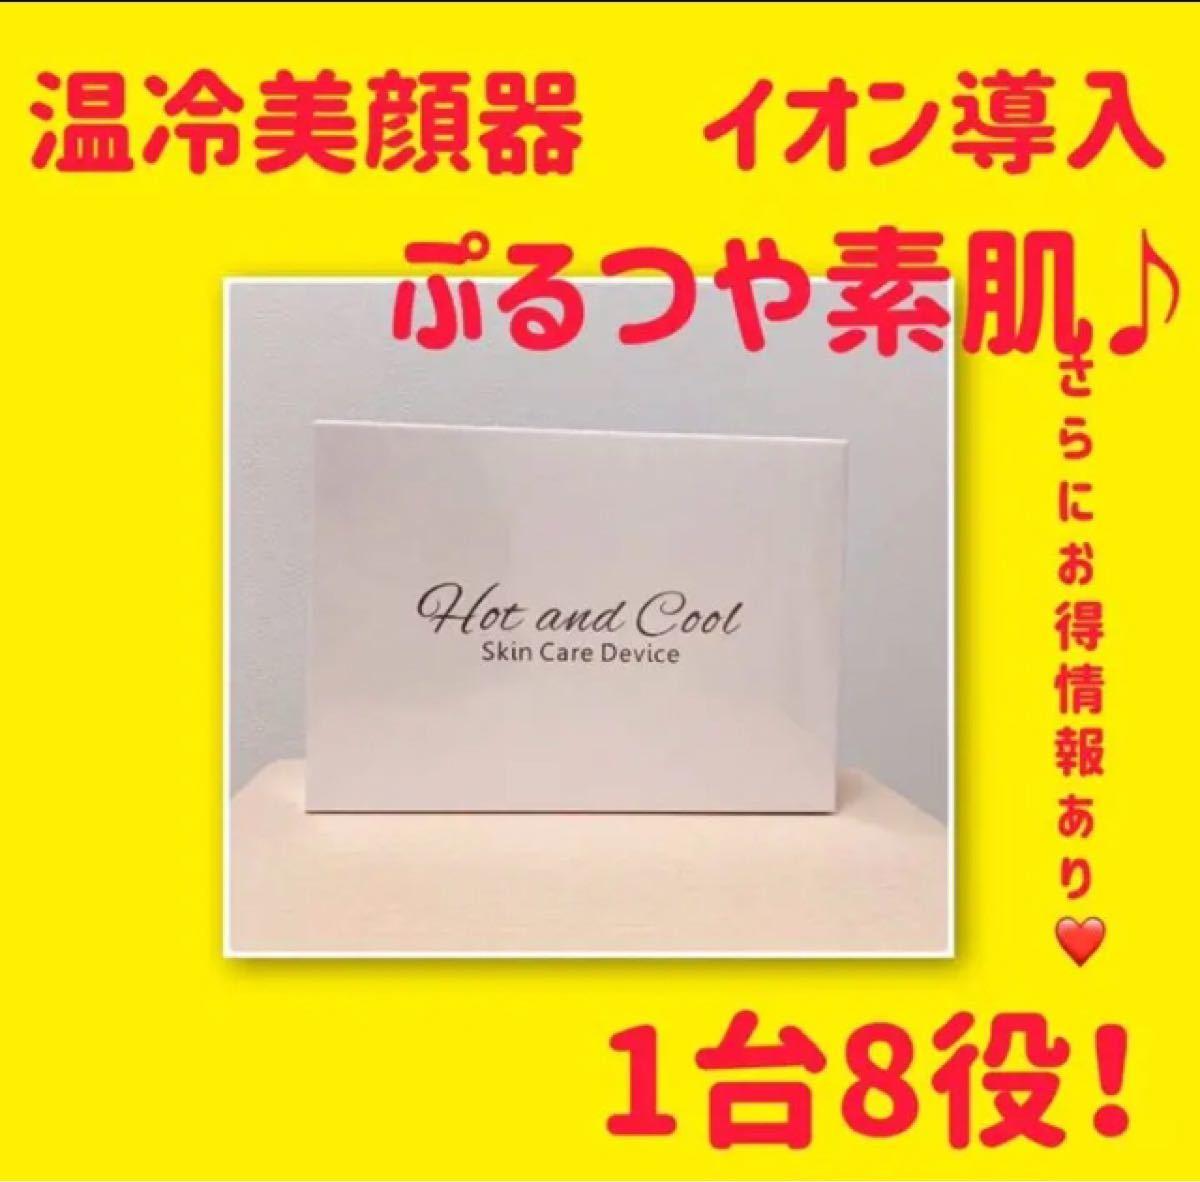 ★★現品限り★★温冷美顔器 イオン 光 エステ リフトアップ 振動マッサージ1台8役